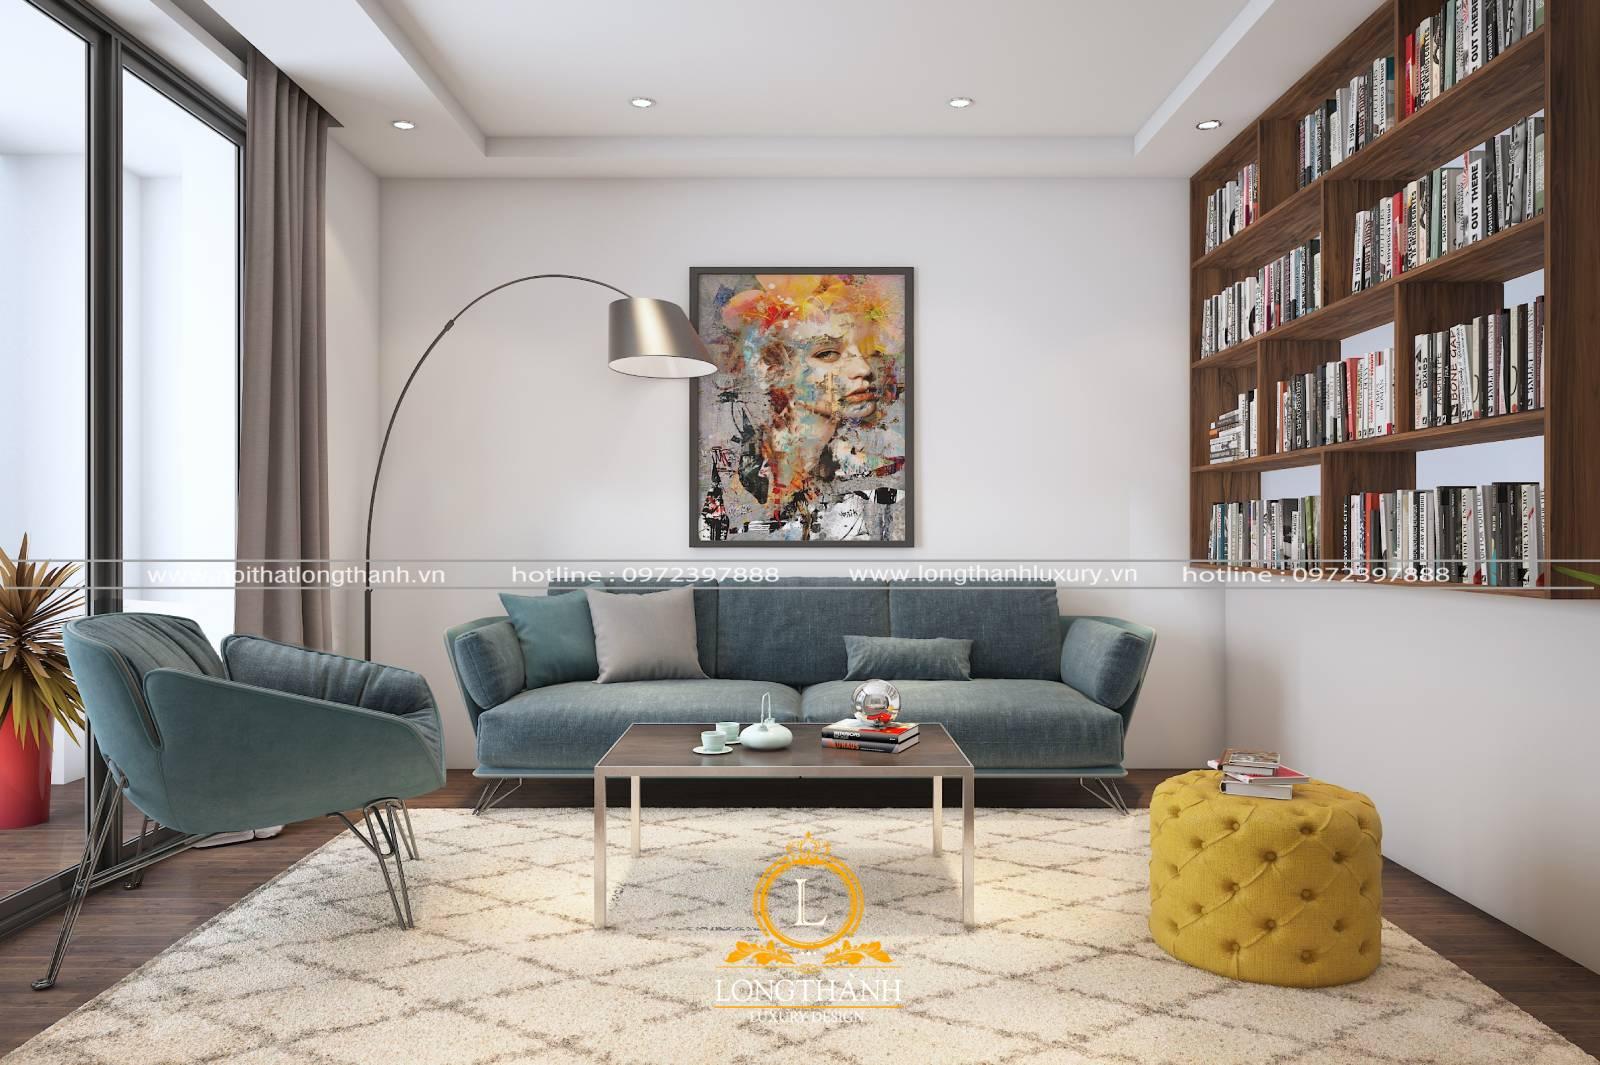 Thiết kế nội thất cho không gian nhà ống đơn giản mà tối ưu công năng